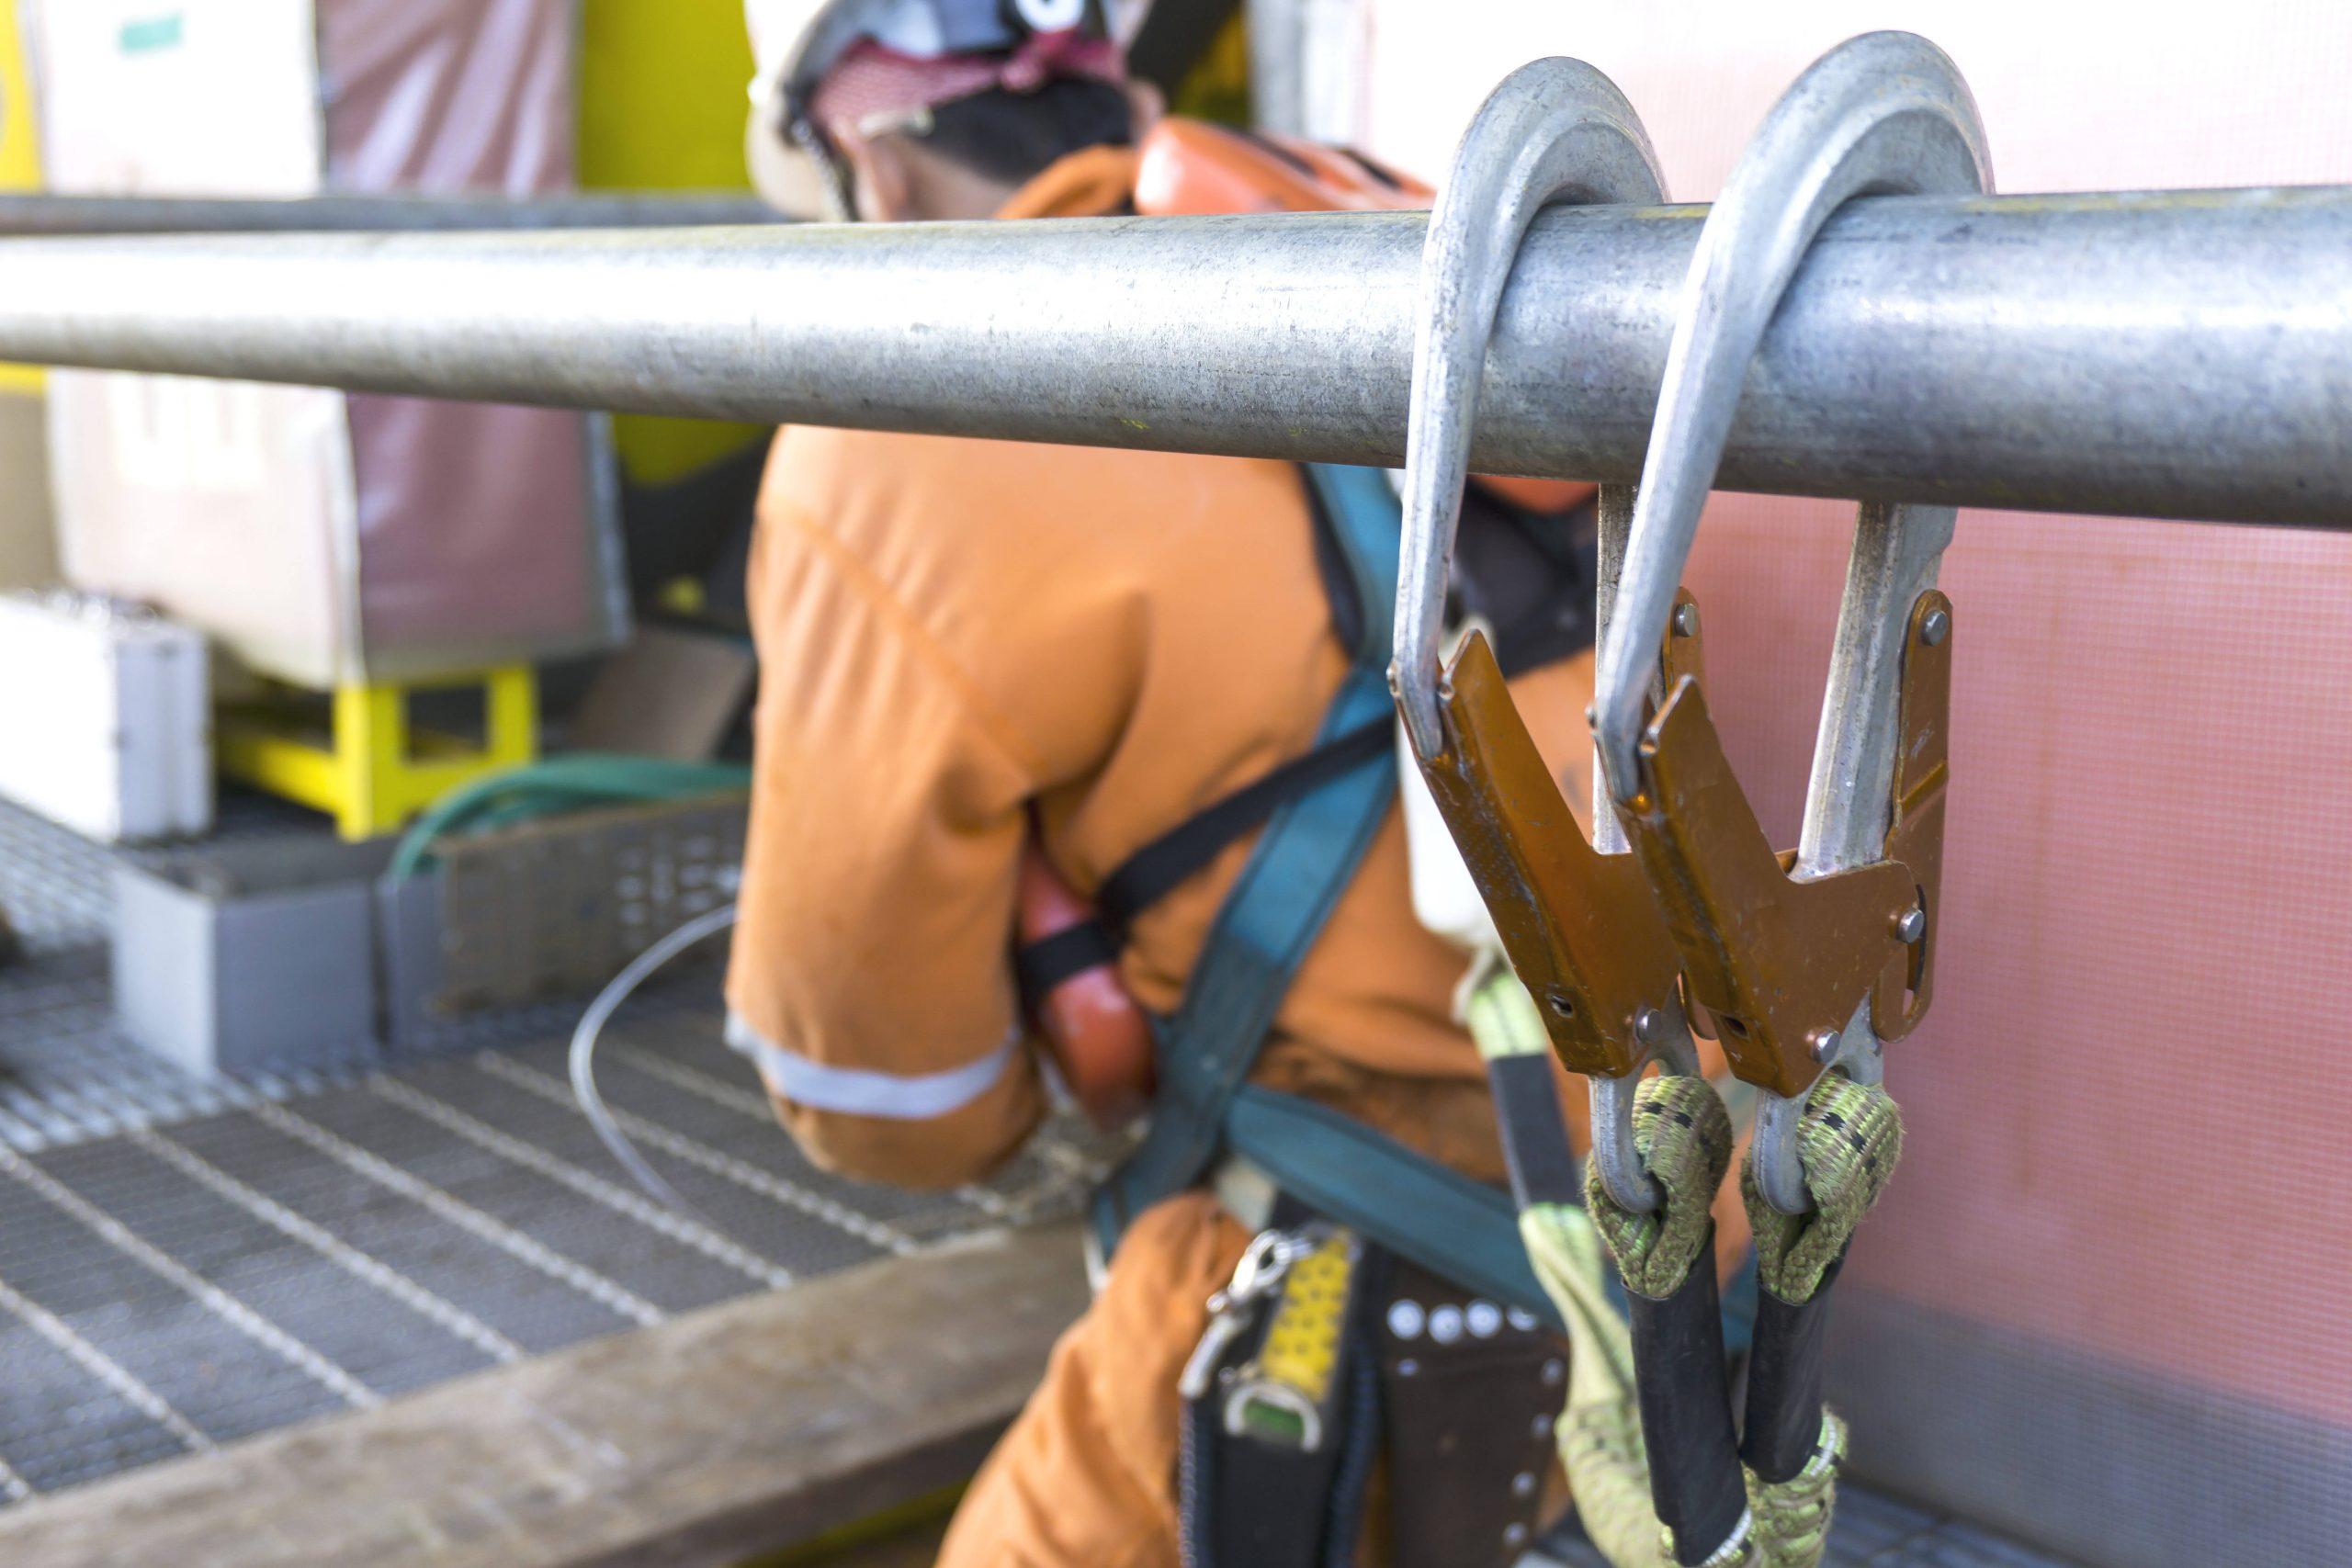 Mejorar en la formación de prevención de accidentes laborales es una labor imprescindible para reducir la mortalidad en el trabajo